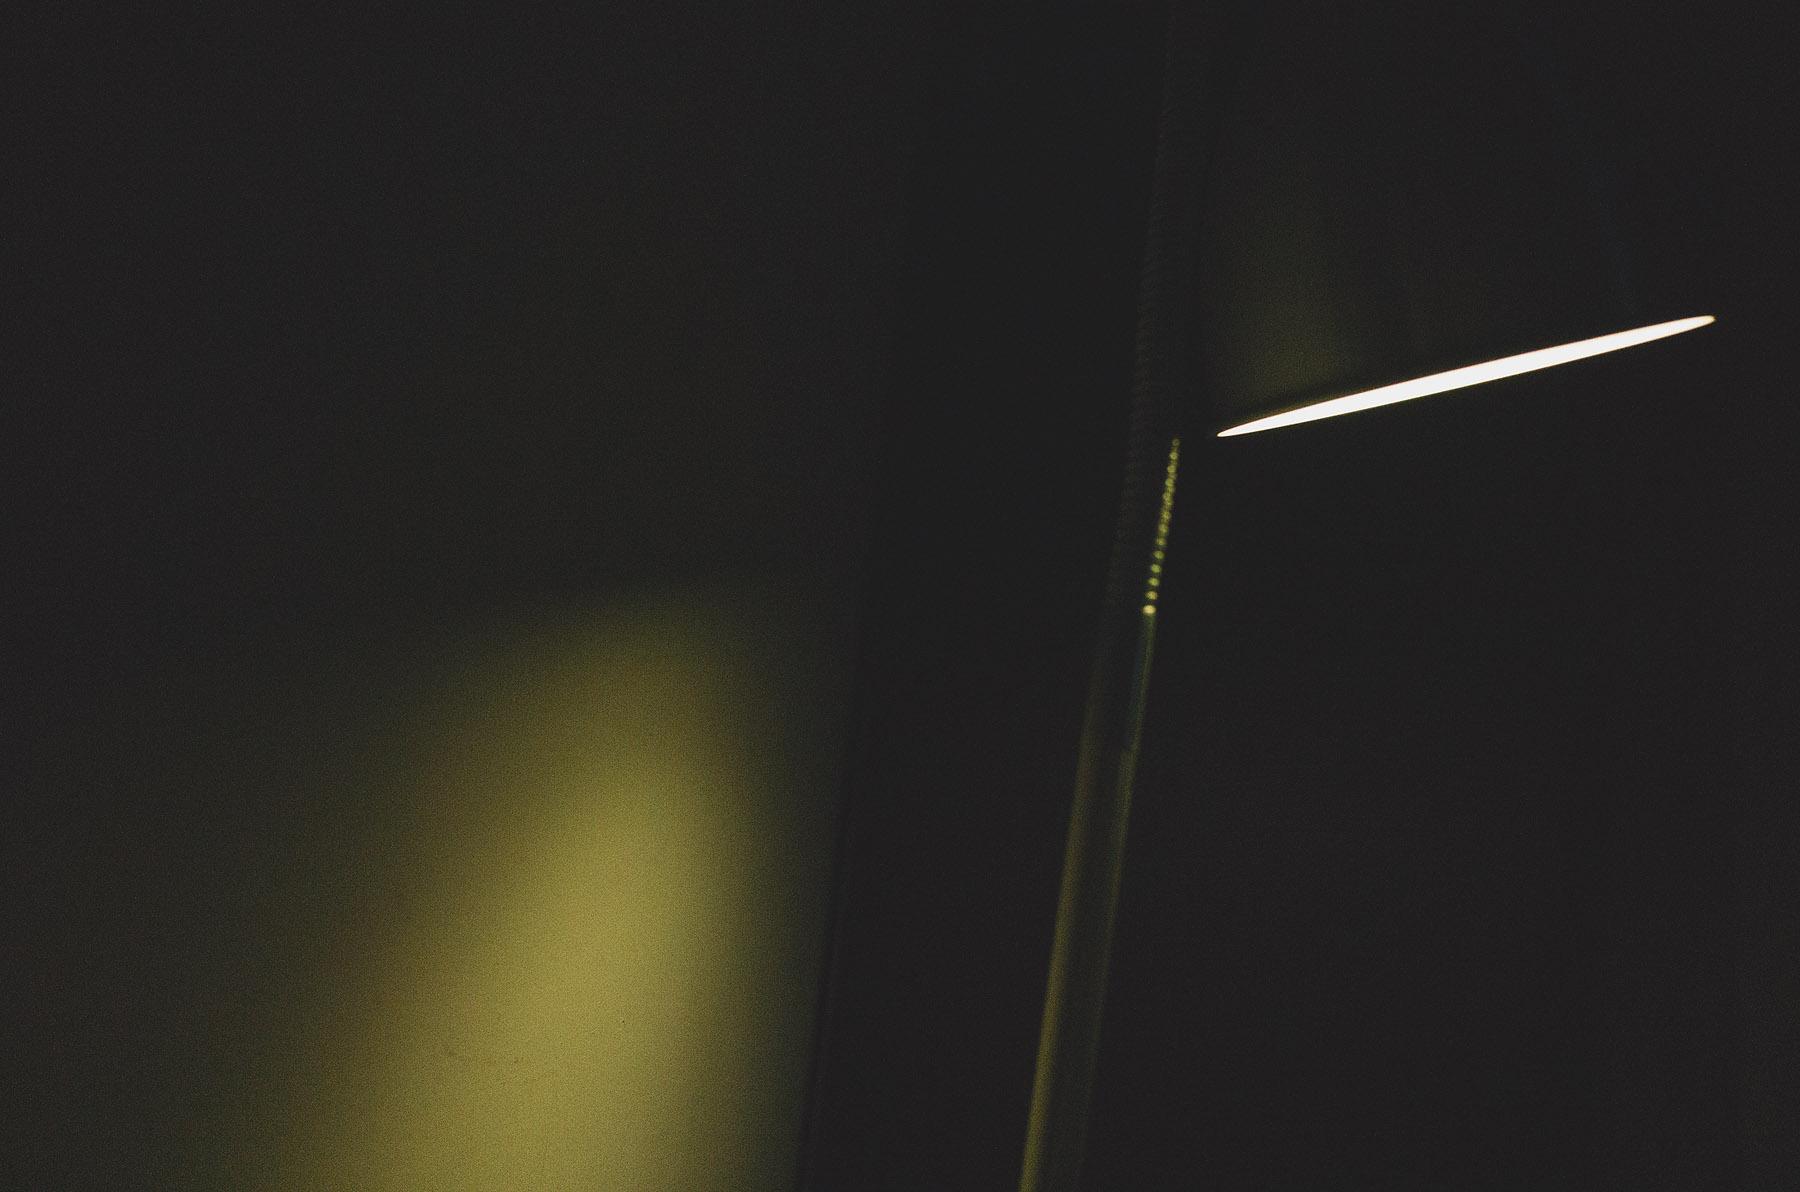 光,light,心象攝影,記憶,房間,黑暗